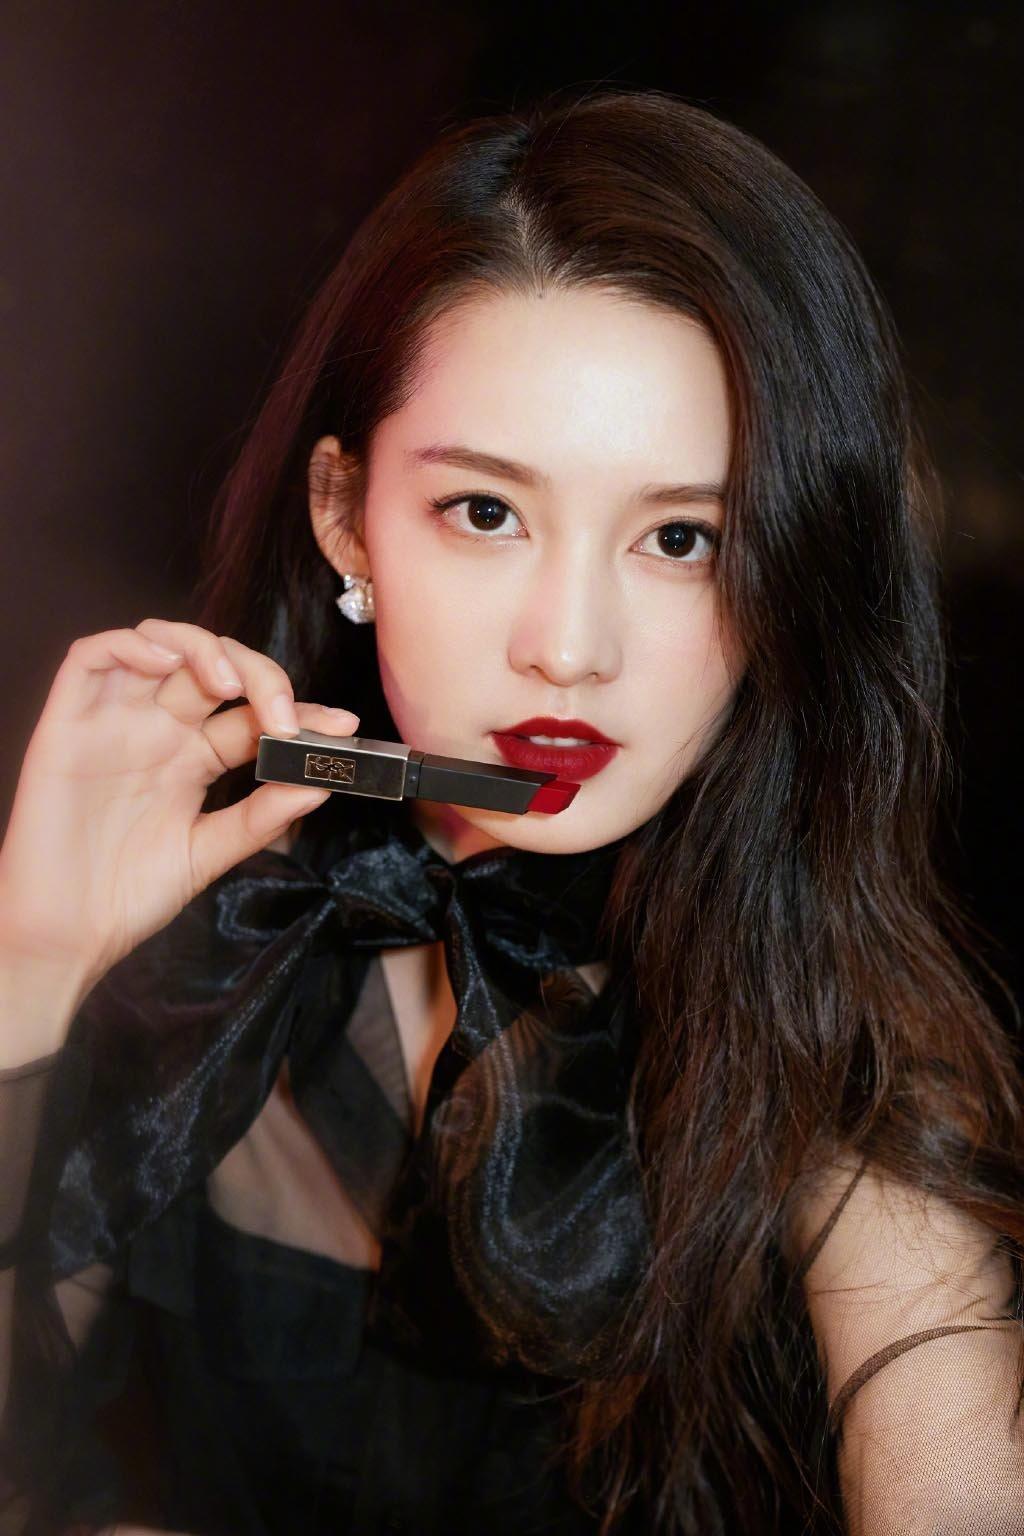 李沁黑色系薄纱性感写真图片